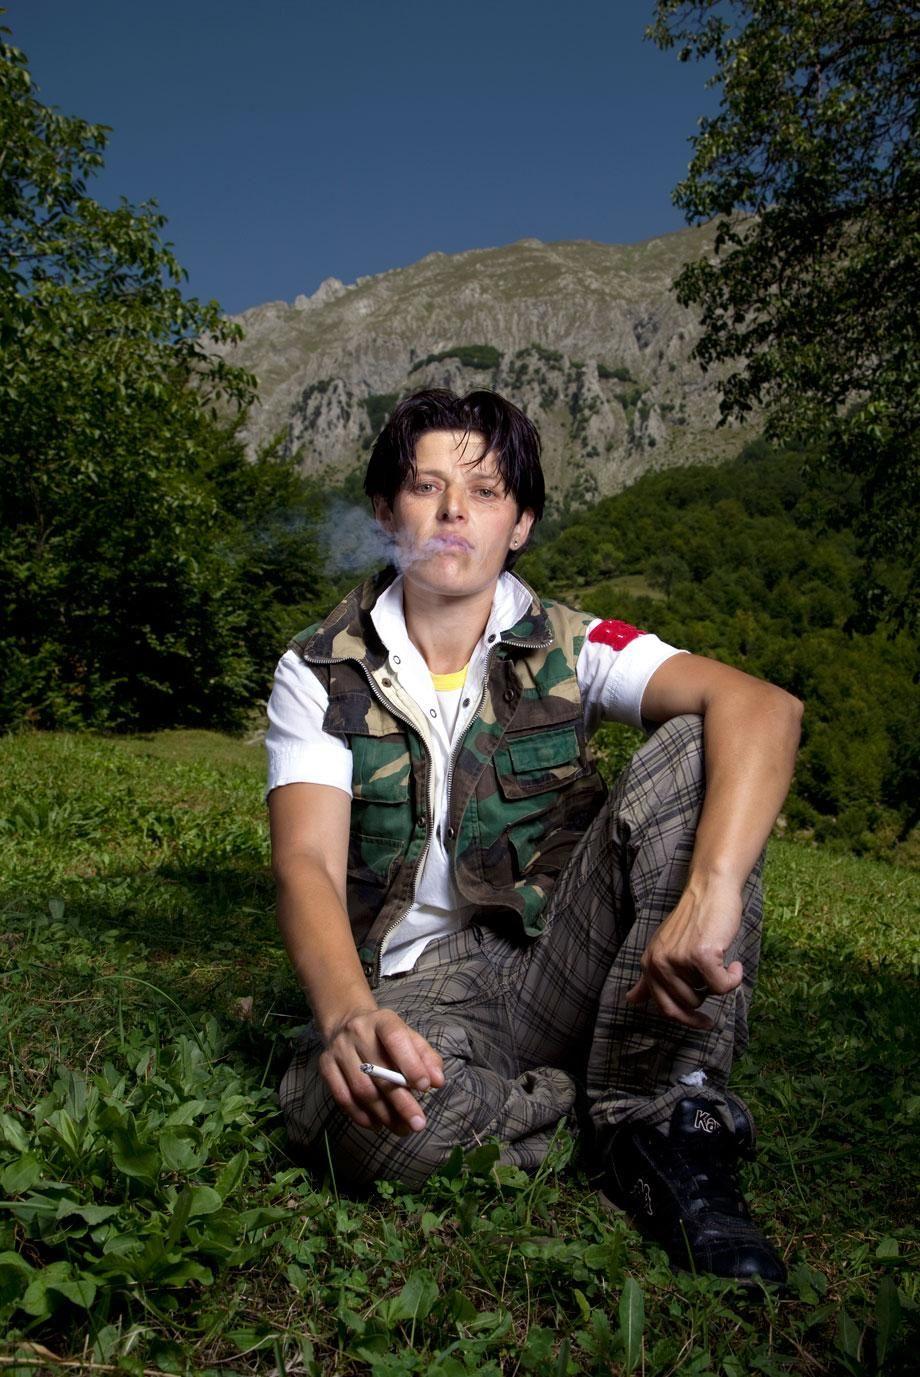 Italian gay nude